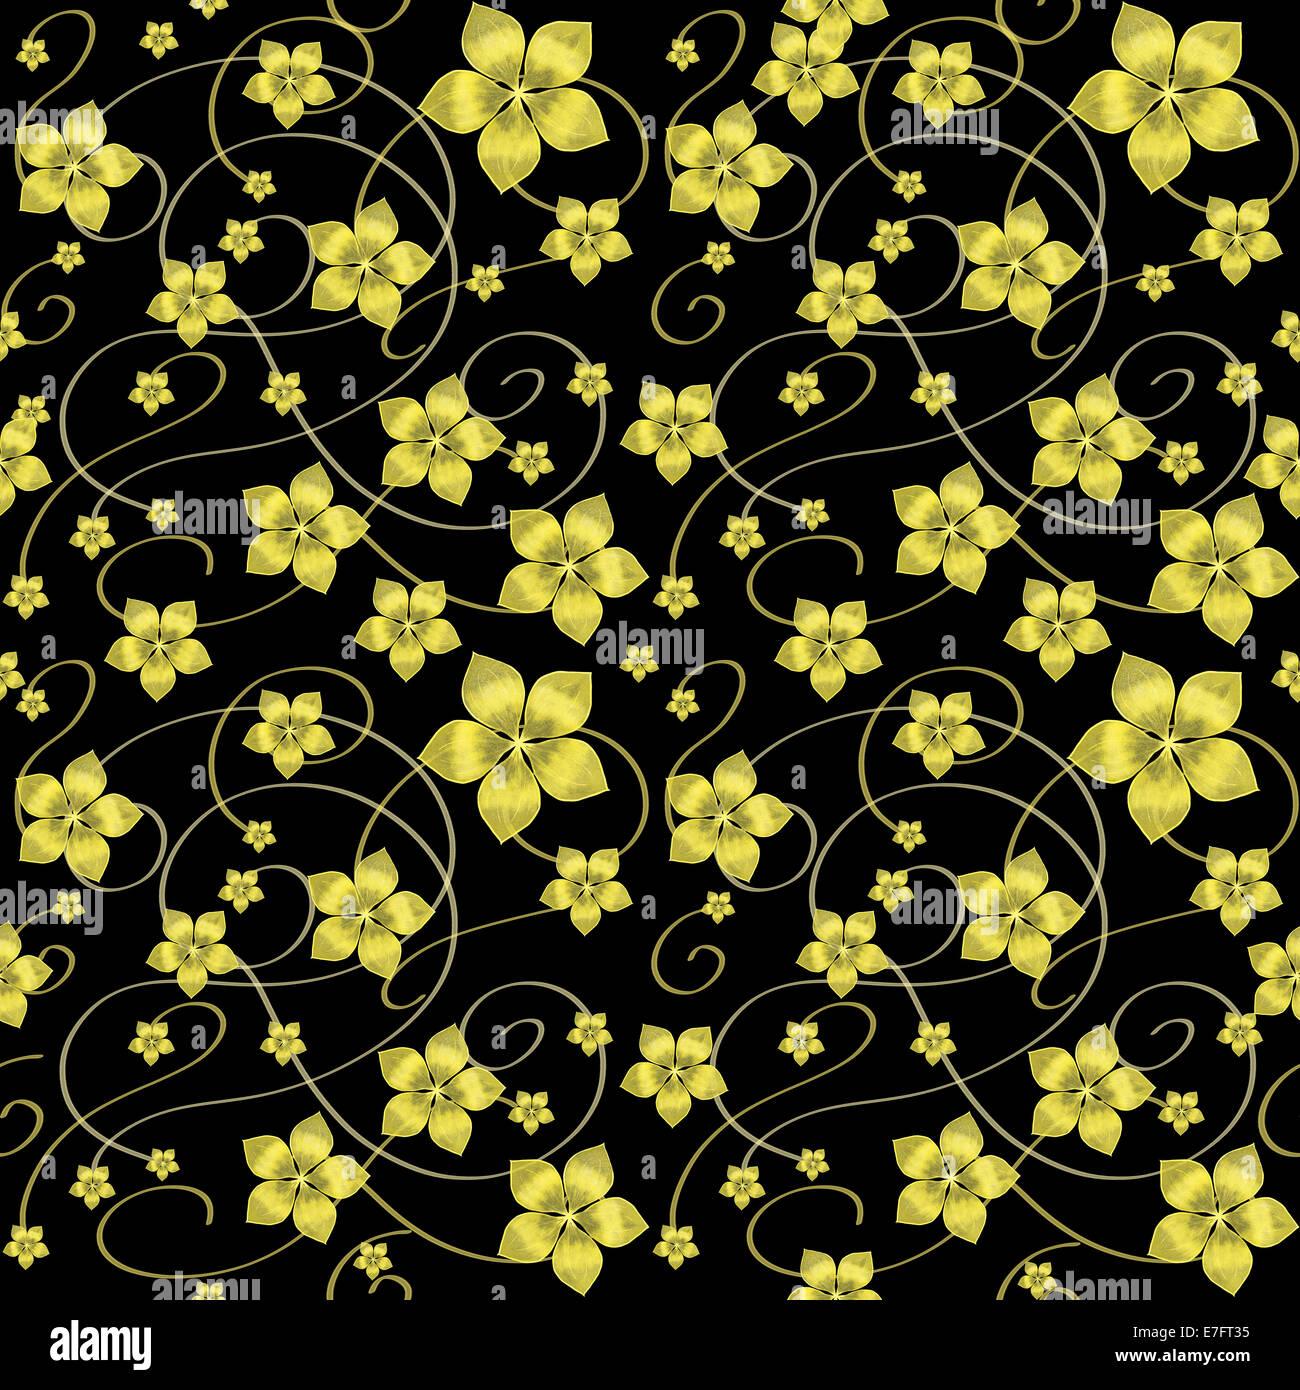 Modello senza giunture. Golden fiori su uno sfondo nero. Immagini Stock